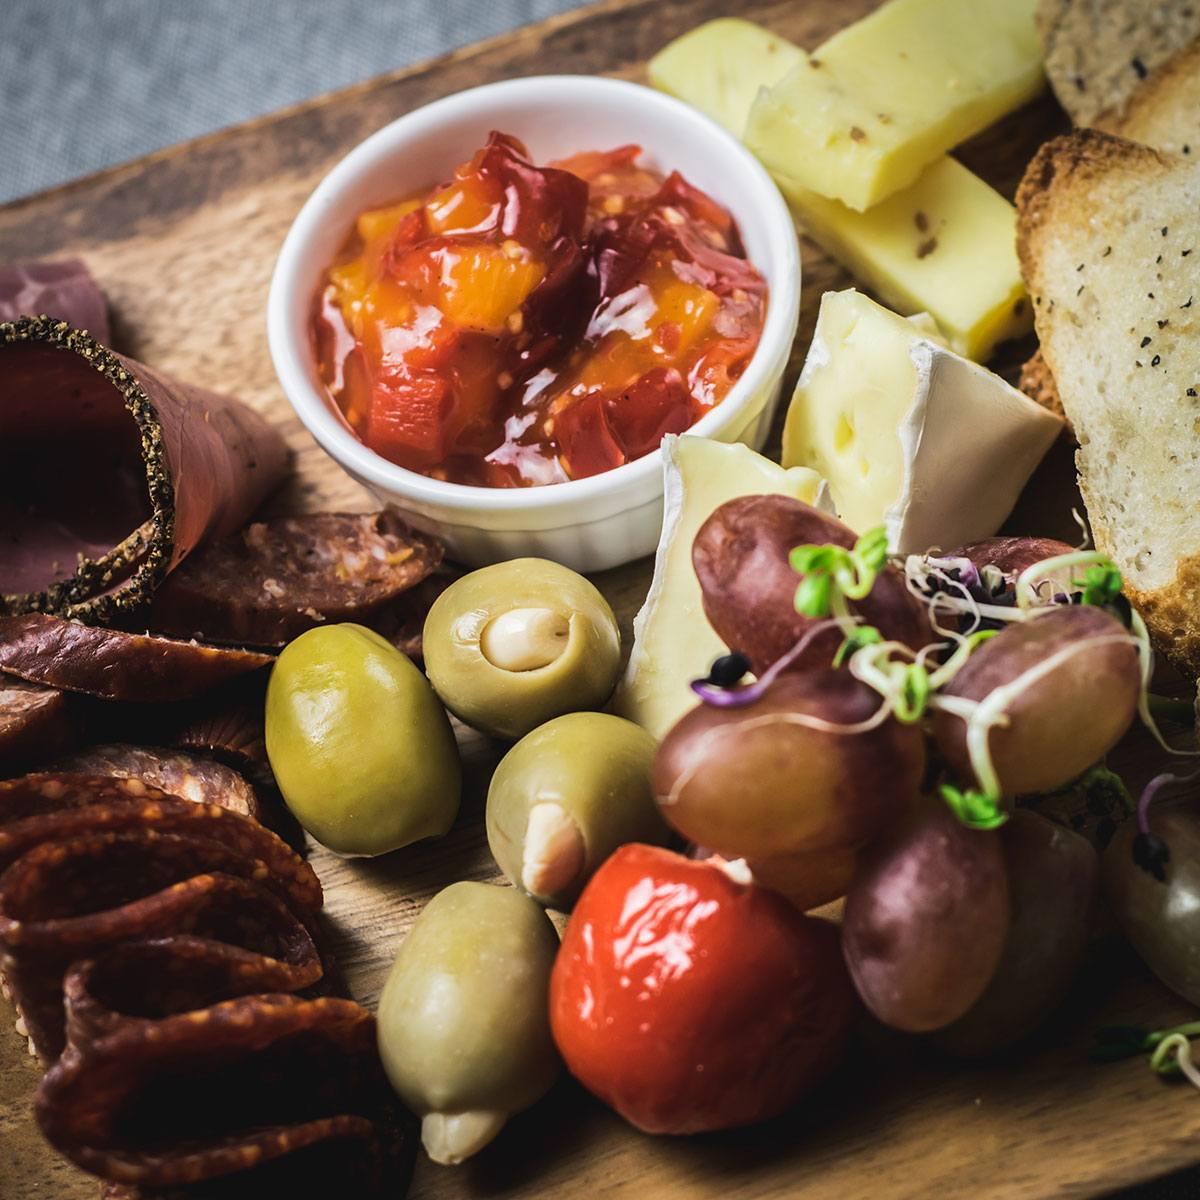 joes-eatery-food-sharing-cheeseboard